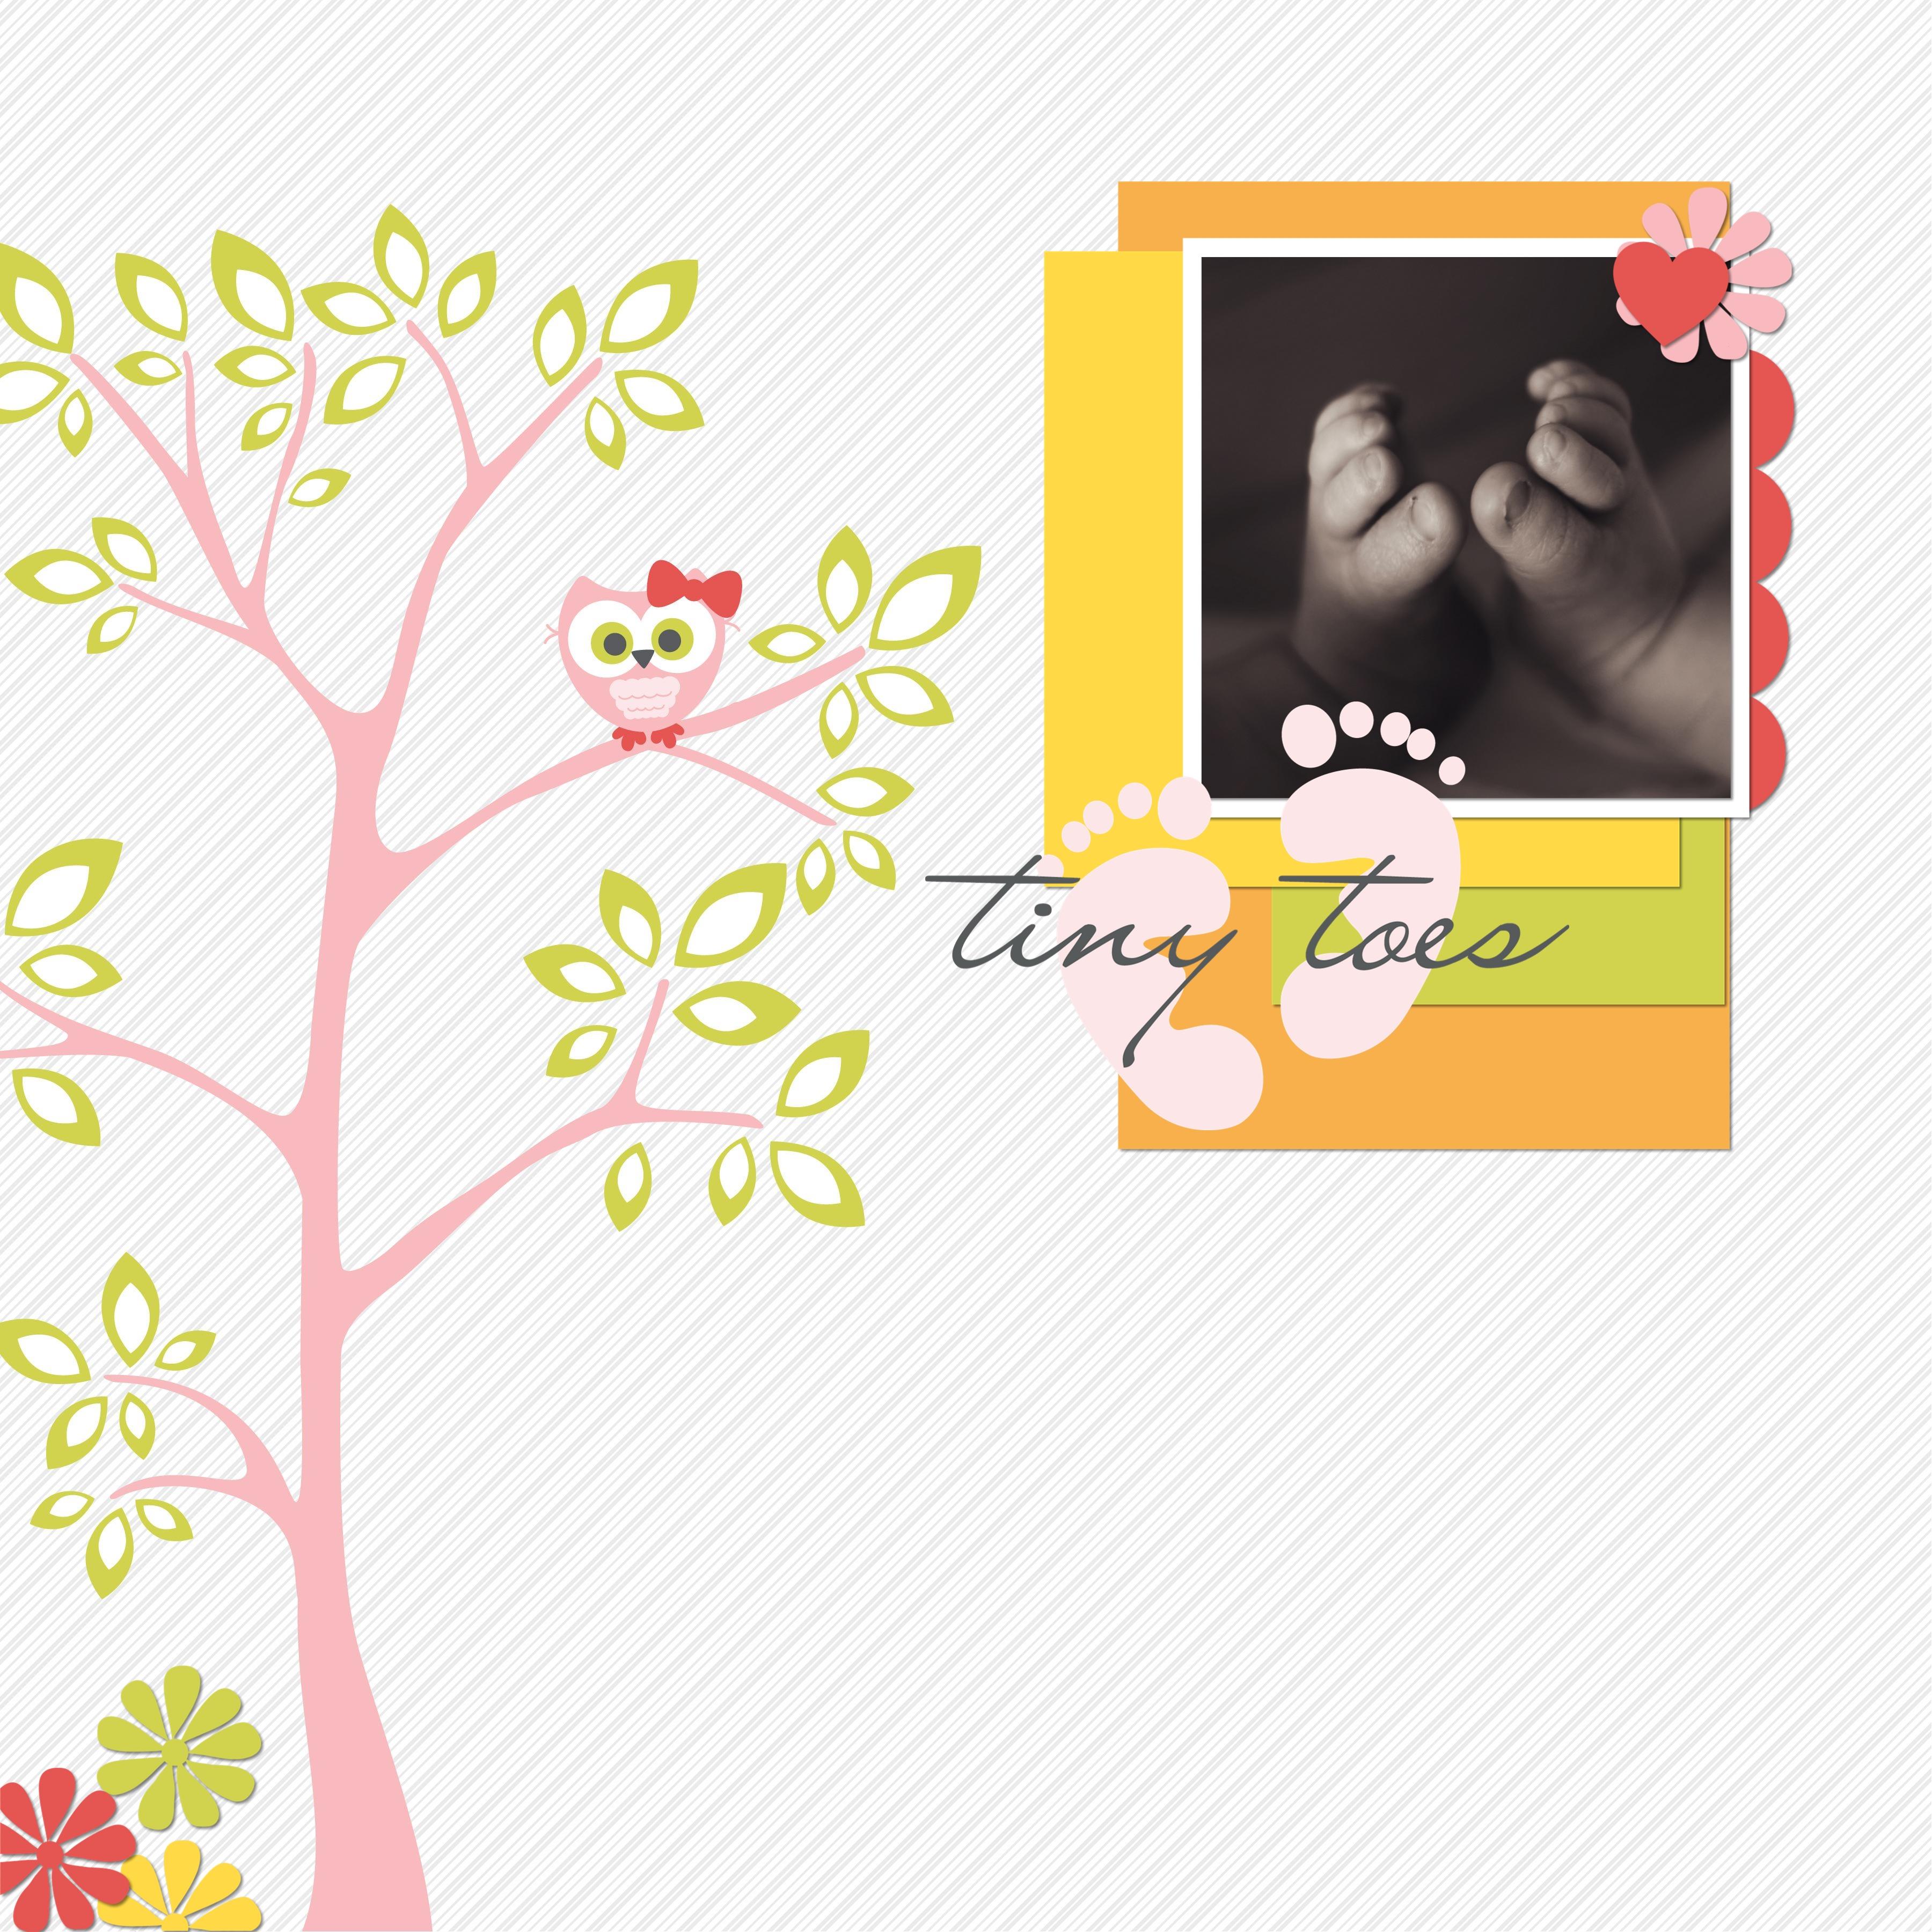 BabyGirl - Page 008.jpg